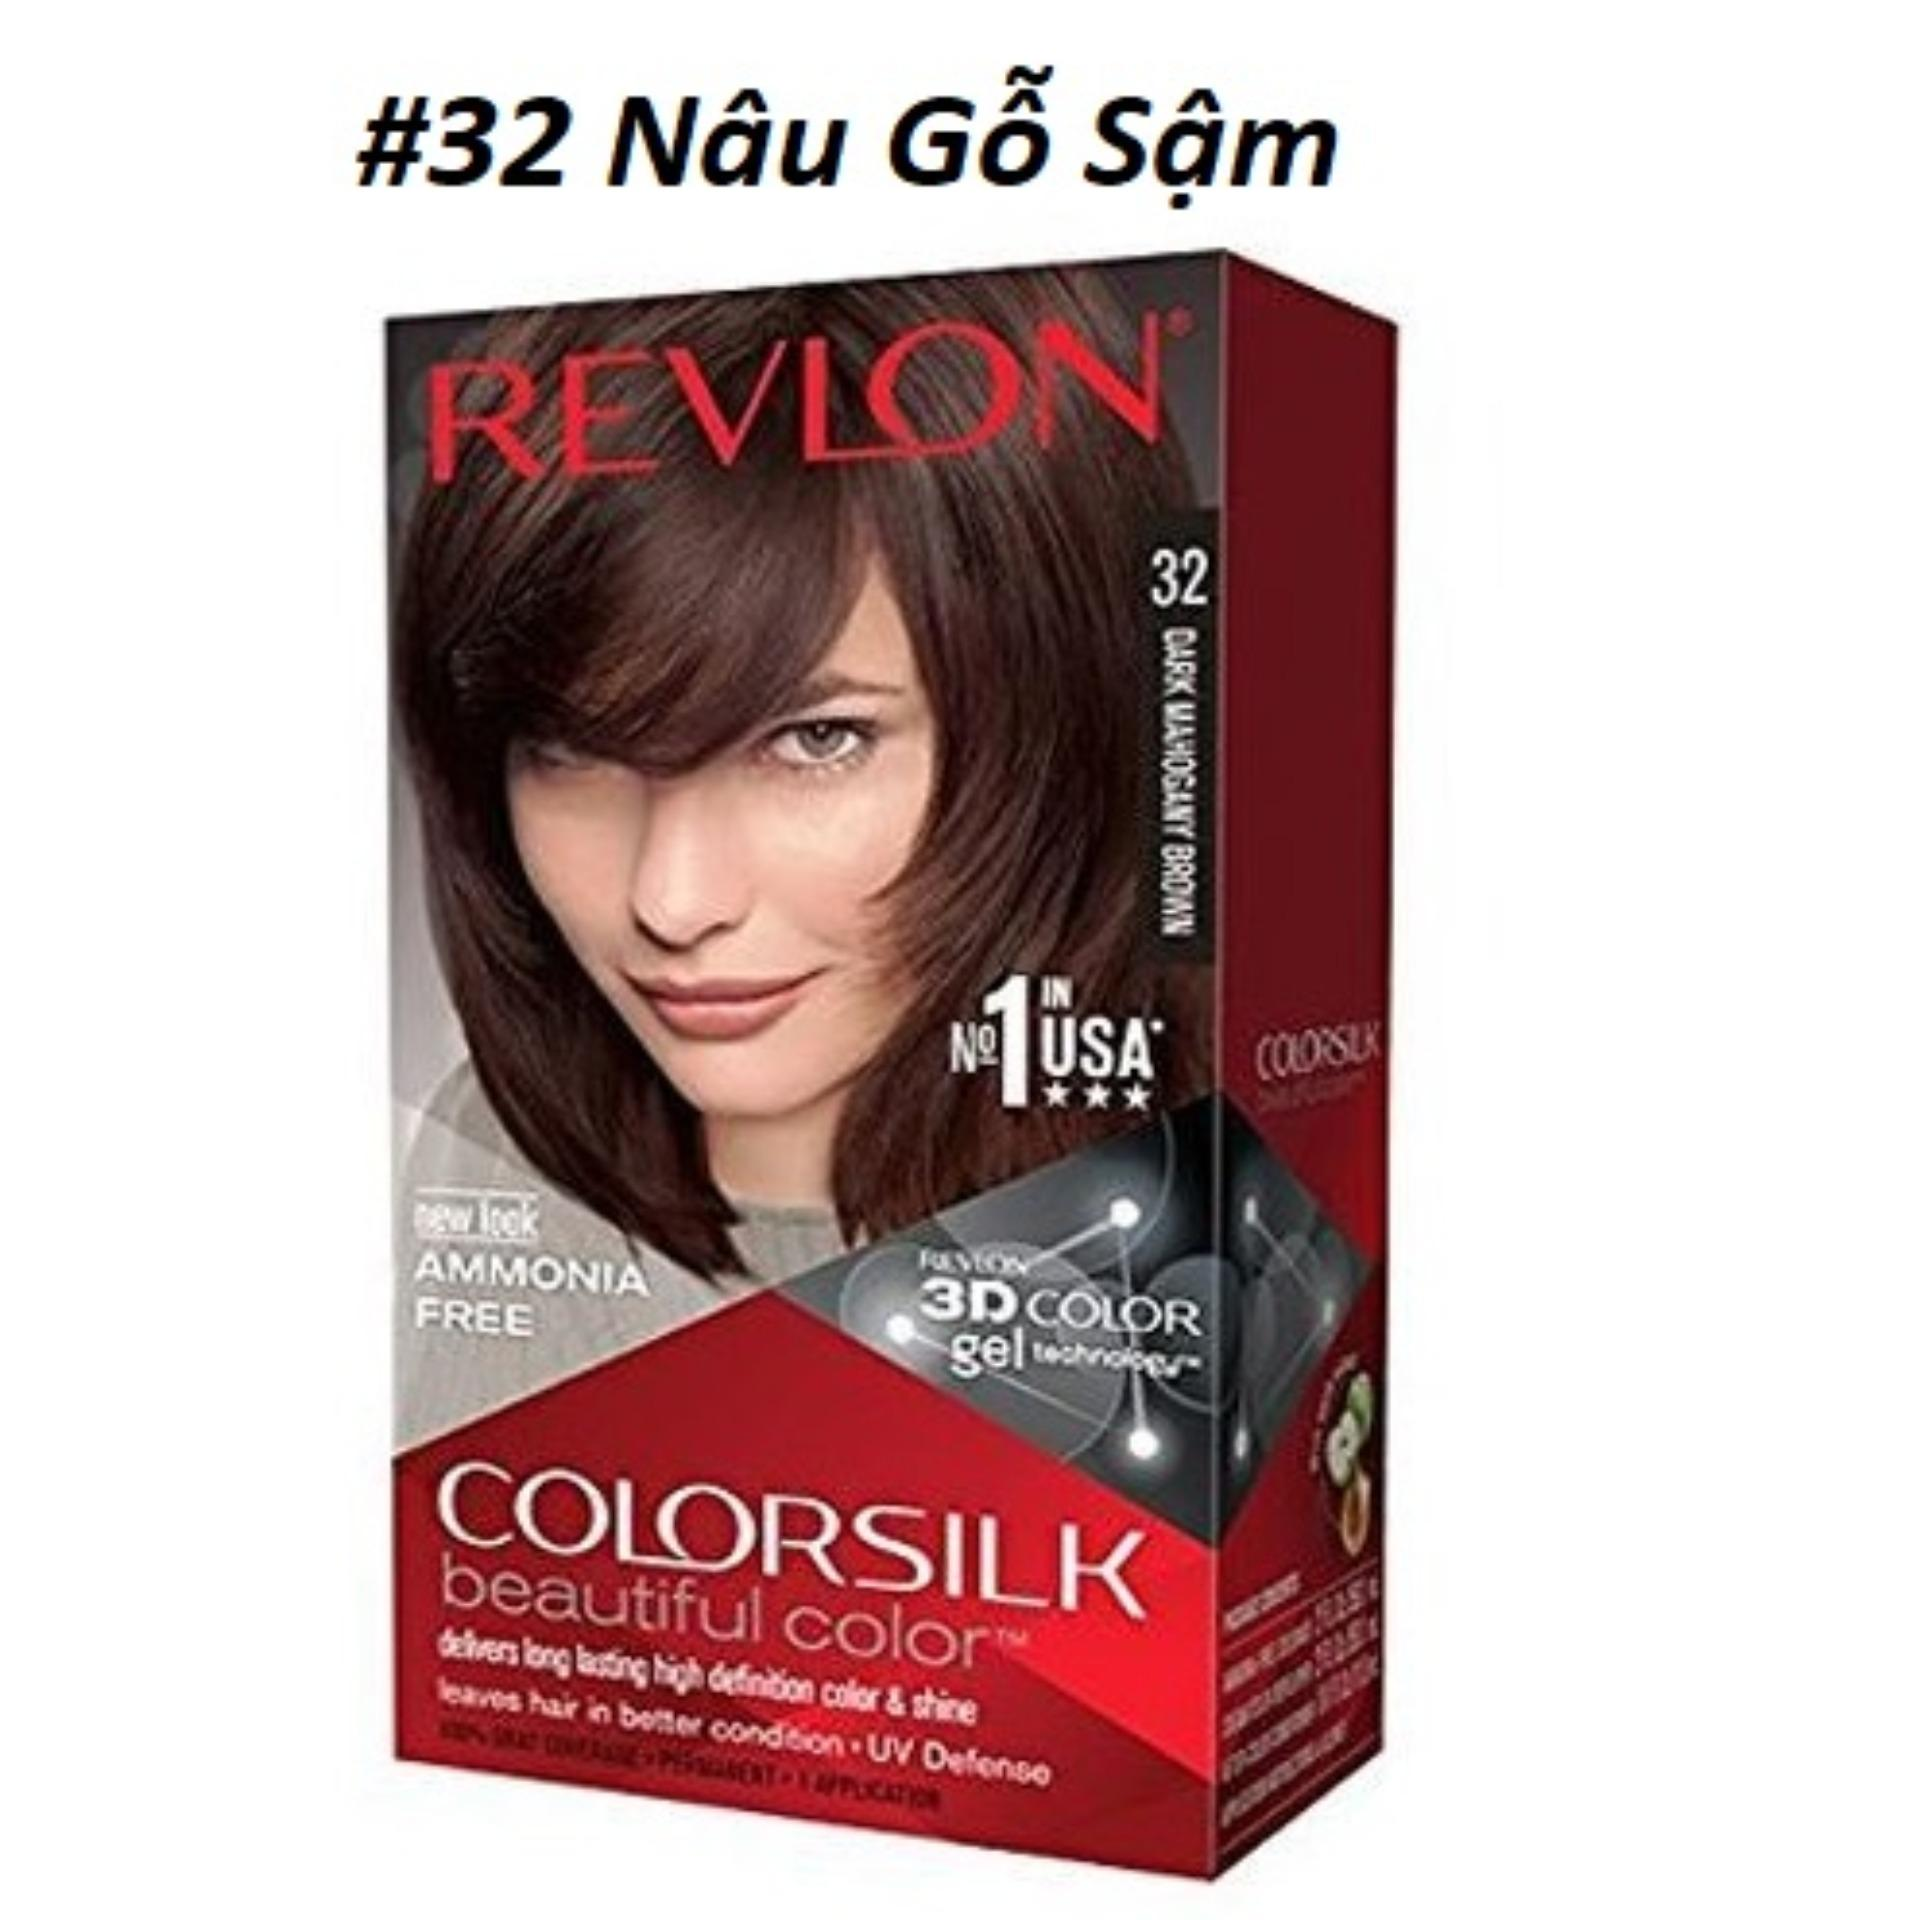 THUỐC NHUỘM TÓC REVLON 3D COLOR SILK 130ml nhập khẩu